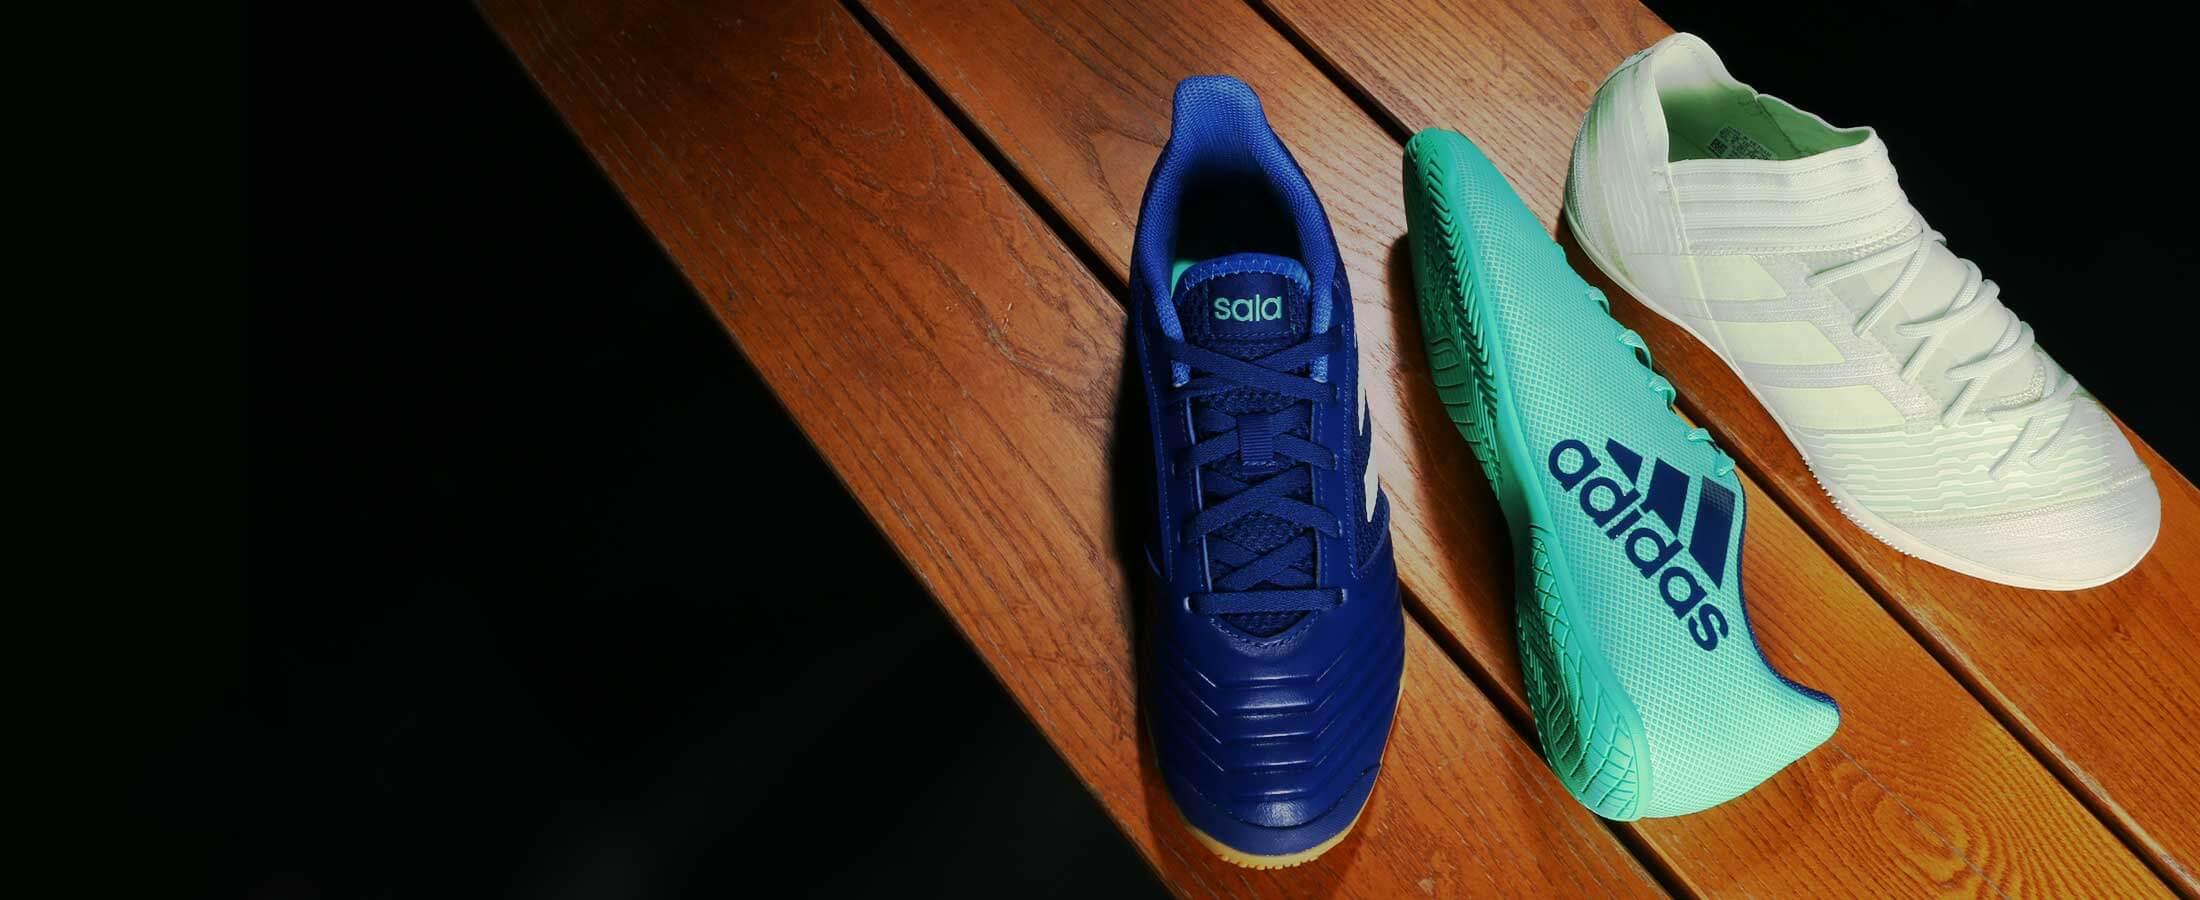 Zapatillas de fútbol sala adidas de la colección Cold Blooded sobre superfície de madera